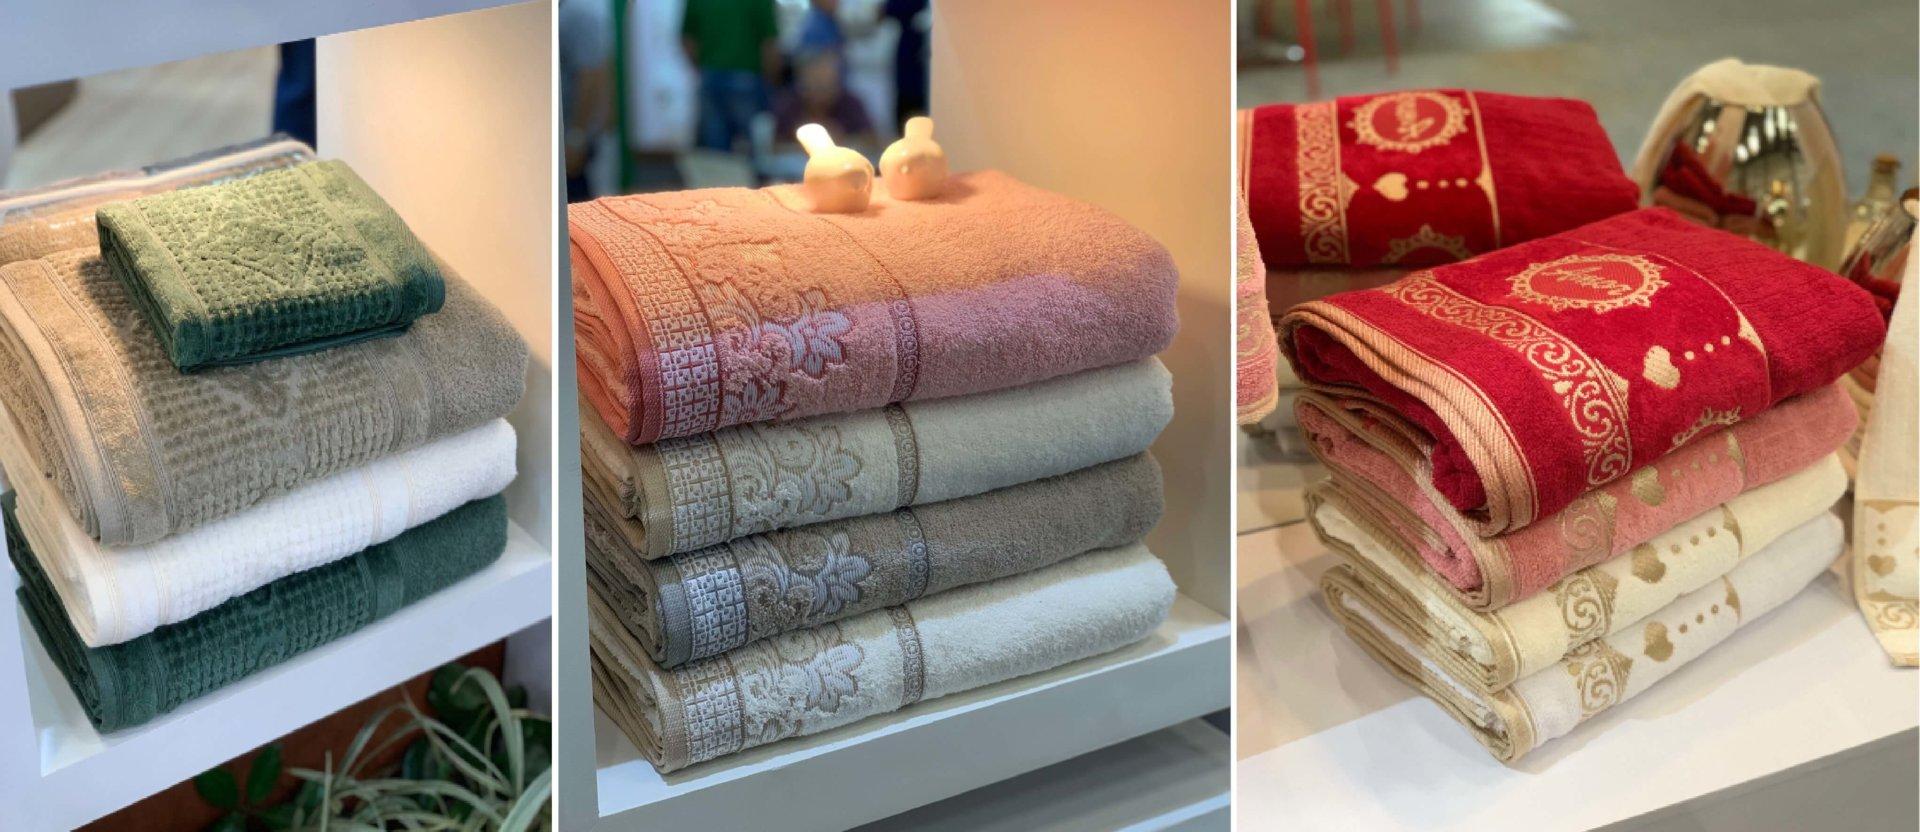 toalhas-appel-abup-textil